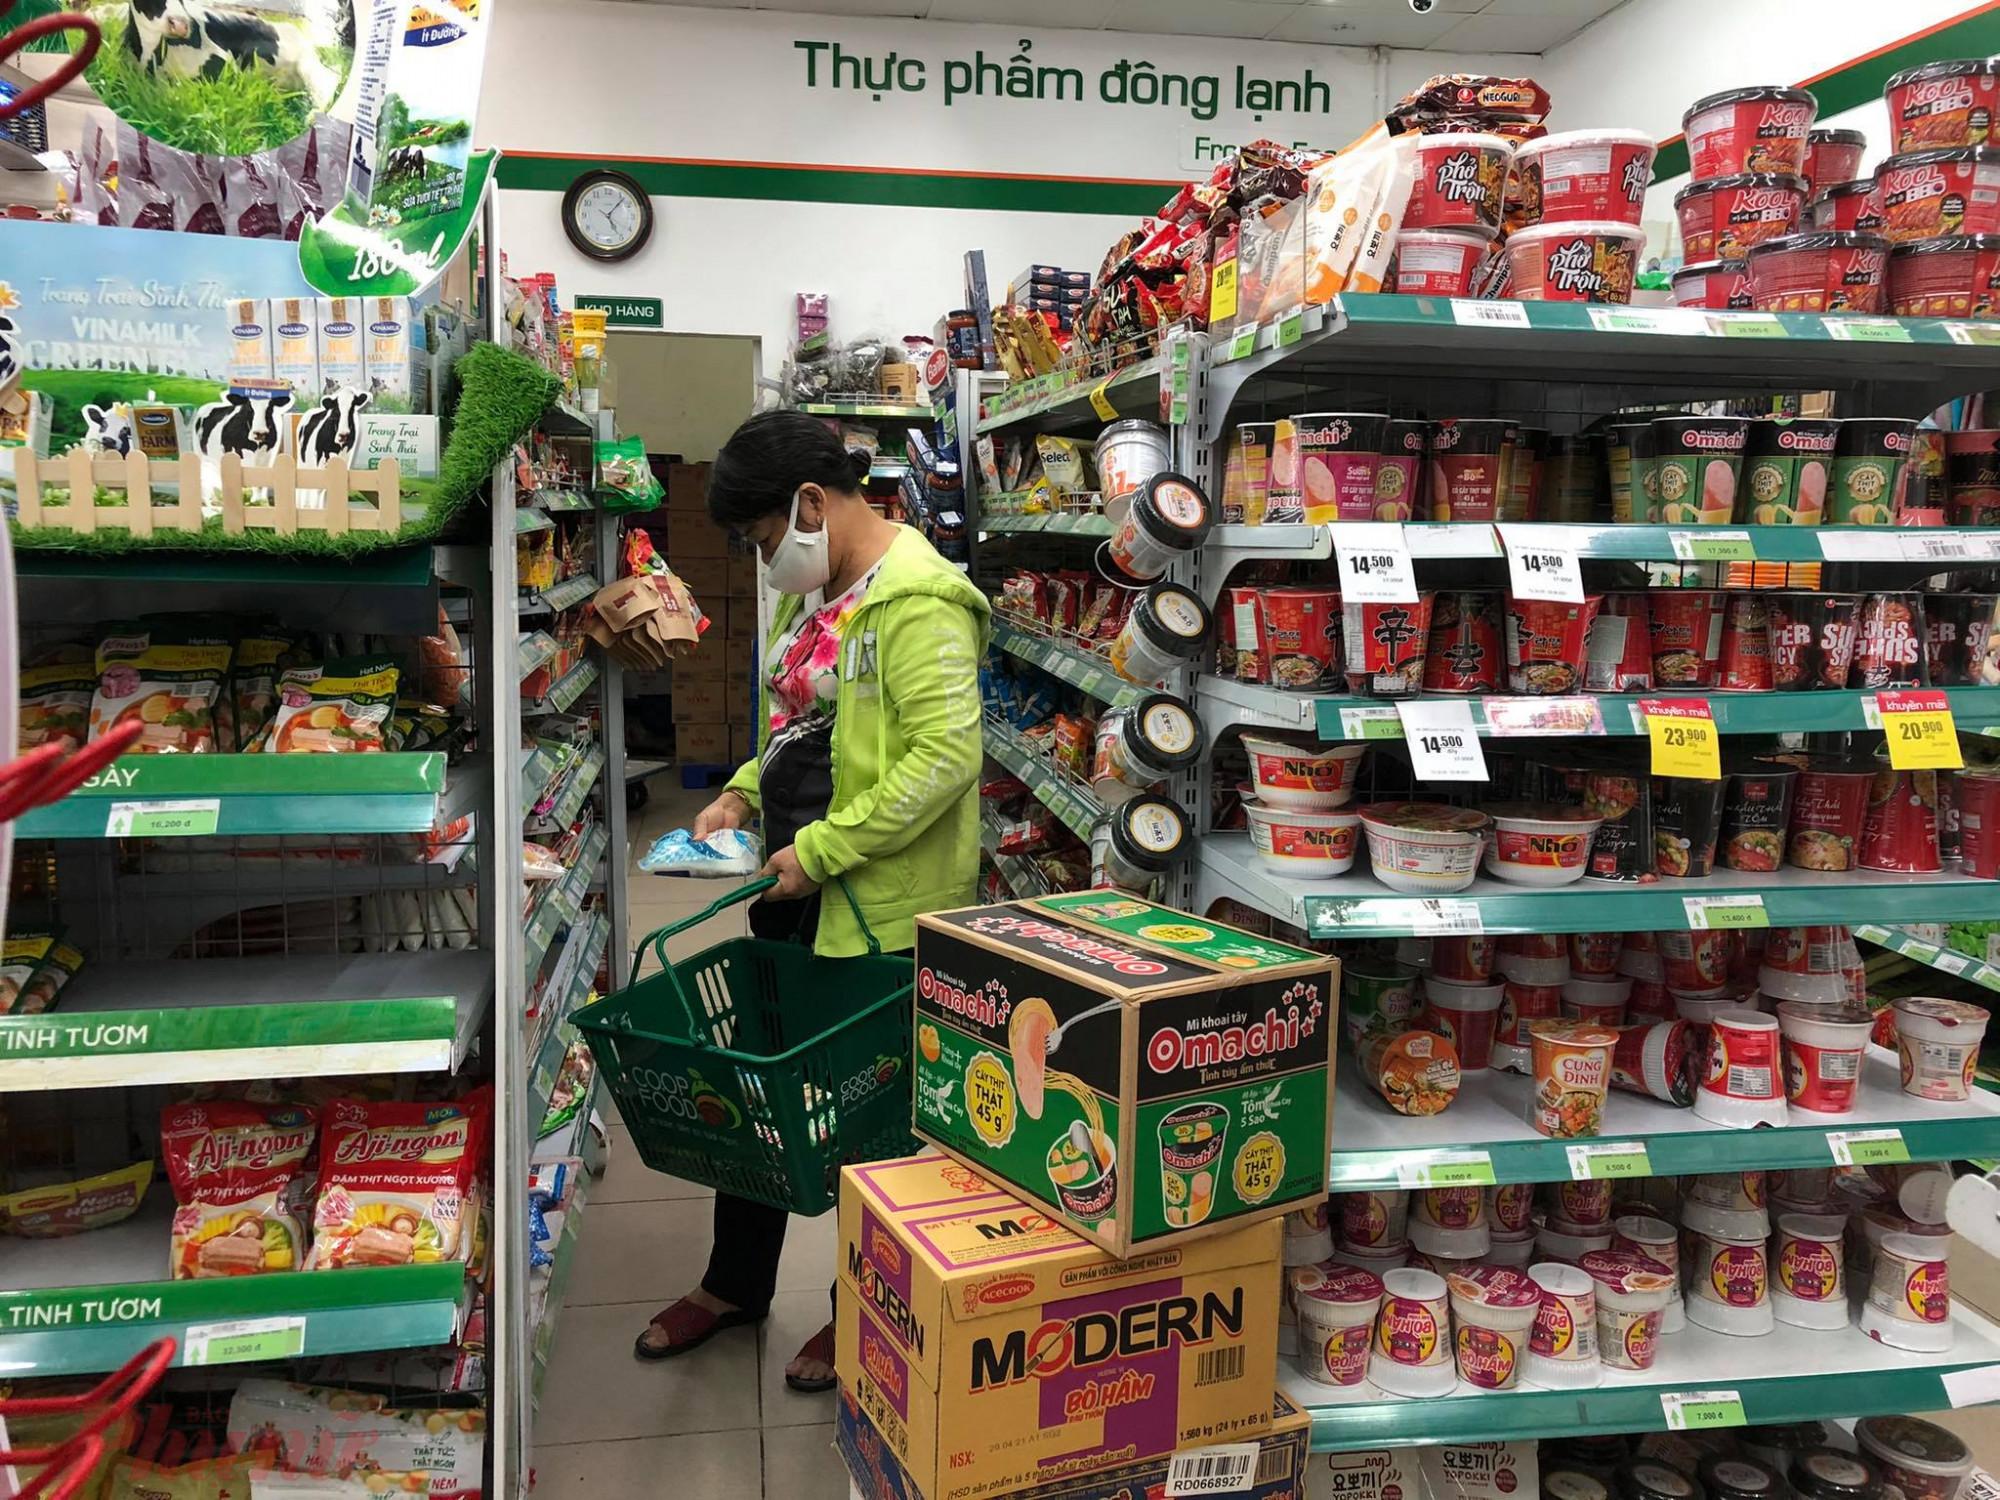 Không chỉ Gò Vấp, các cửa hàng, siêu thị, chợ... tại nhiều quận huyện khác cũng xảy ra tình trạng tương tự. Ảnh chuoj tại Co.opfood  trên đường Võ Thành Trang, quận Tân Bình